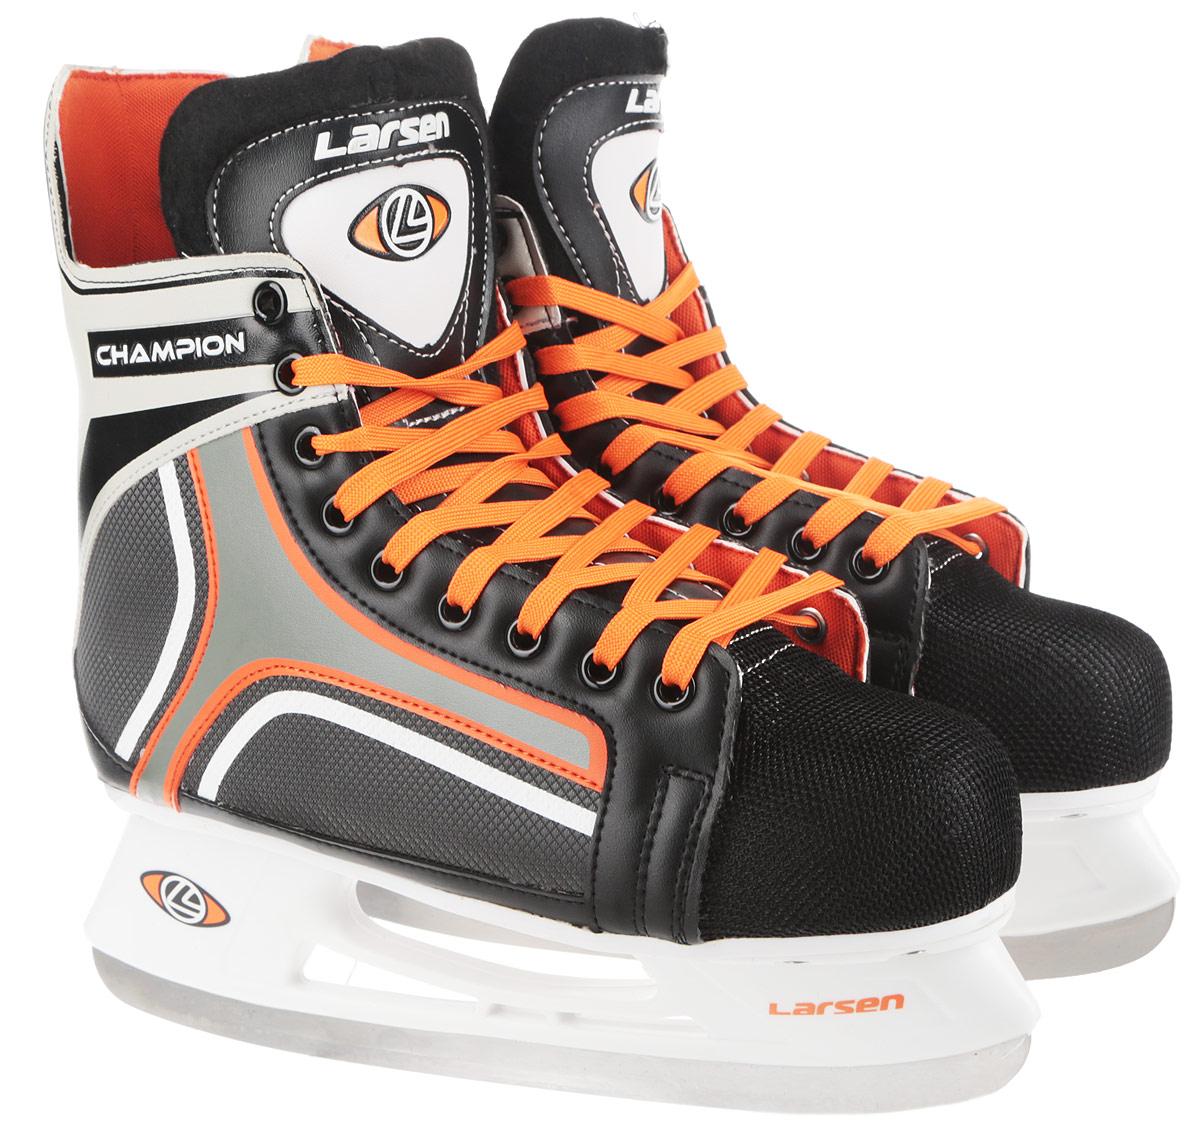 Коньки хоккейные мужские Larsen Champion, цвет: черный, белый, оранжевый. Размер 40ChampionСтильные коньки Champion от Larsen прекрасно подойдут для начинающих игроков в хоккей.Ботинок выполнен из морозоустойчивого поливинилхлорида. Мыс дополненвставкой из полипропилена, покрытого сетчатым нейлоном, которая защитит ноги от ударов.Внутренний слой изготовлен измягкого текстиля, который обеспечит тепло и комфорт во время катания, язычок - из войлока.Плотная шнуровка надежно фиксирует модель на ноге. Голеностоп имеет удобный суппорт. Стелька из EVA с текстильной поверхностью обеспечит комфортное катание. Стойкавыполнена из ударопрочного полипропилена. Лезвие из нержавеющей стали обеспечитпревосходное скольжение. В комплект входят пластиковые чехлы для лезвий. Температура использования до -20°С.